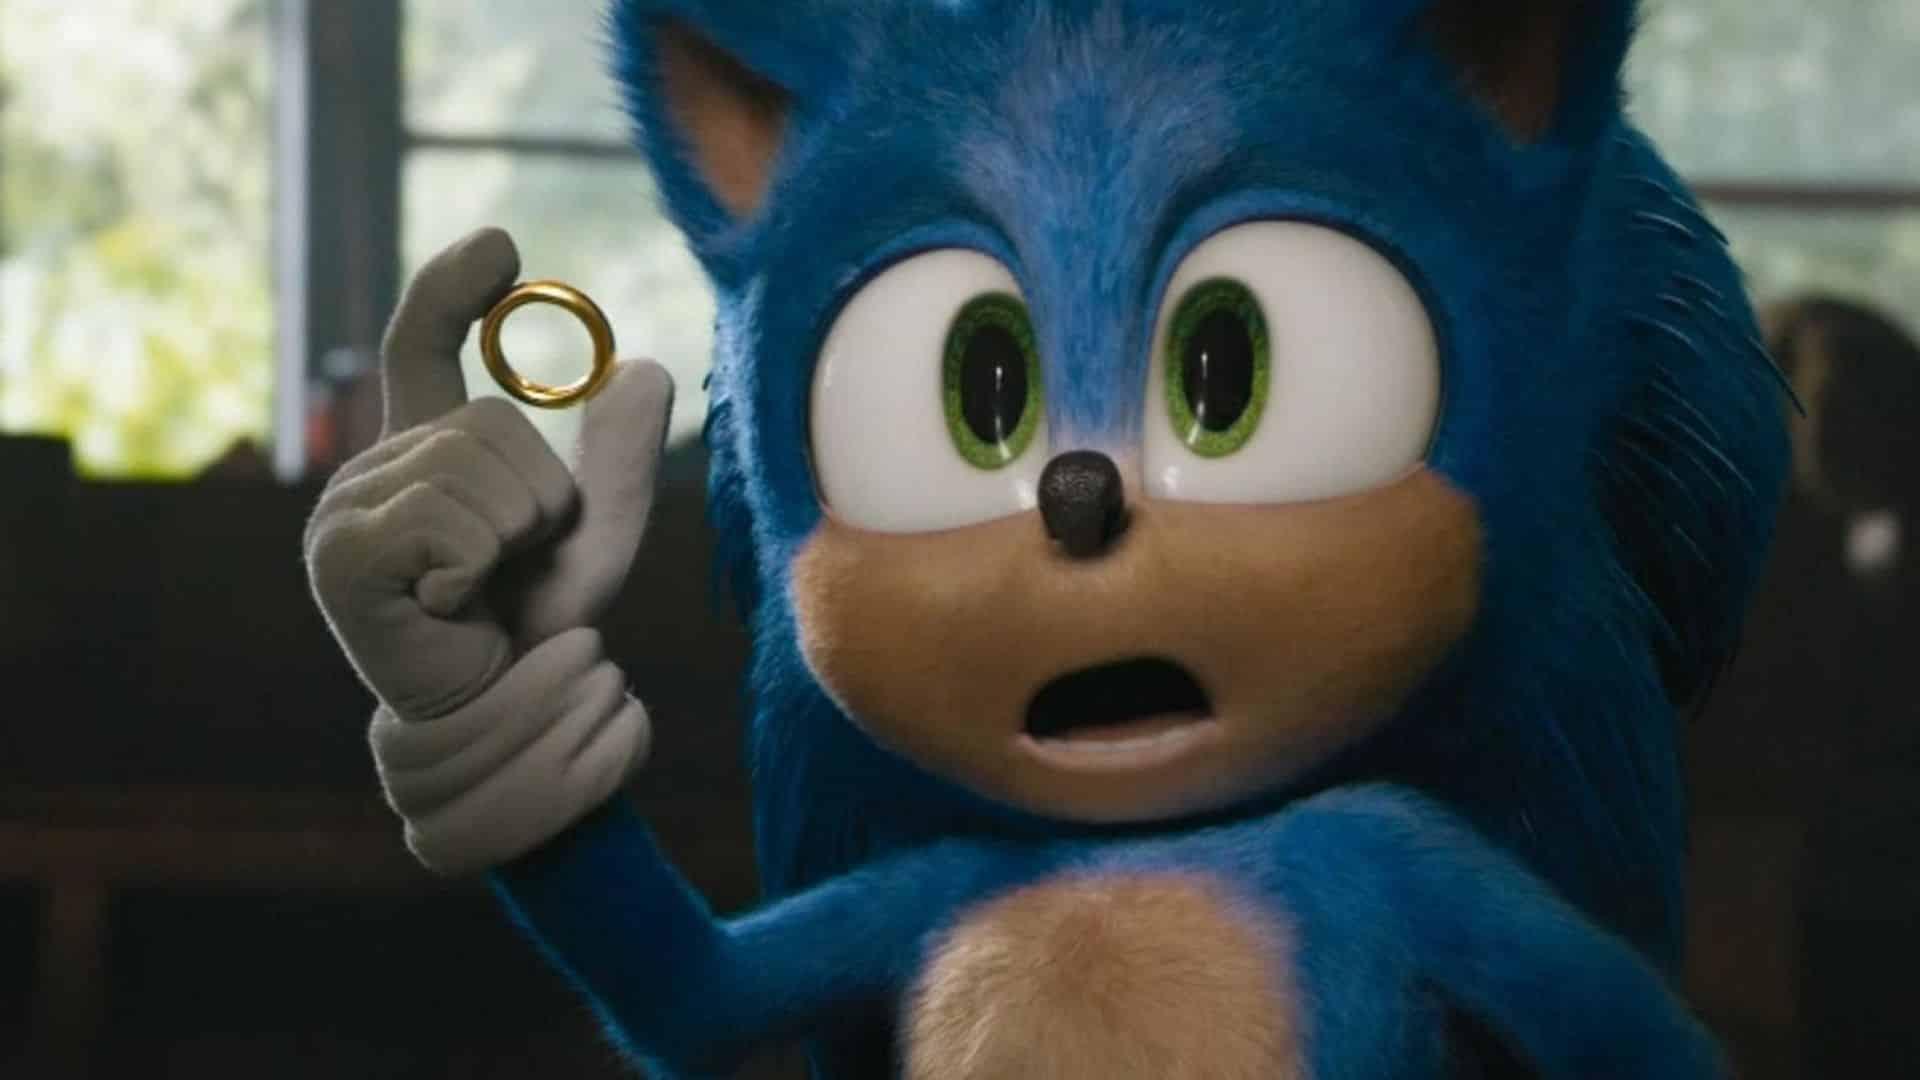 Jeff Fowler Ježko Sonic ďalšie postavy